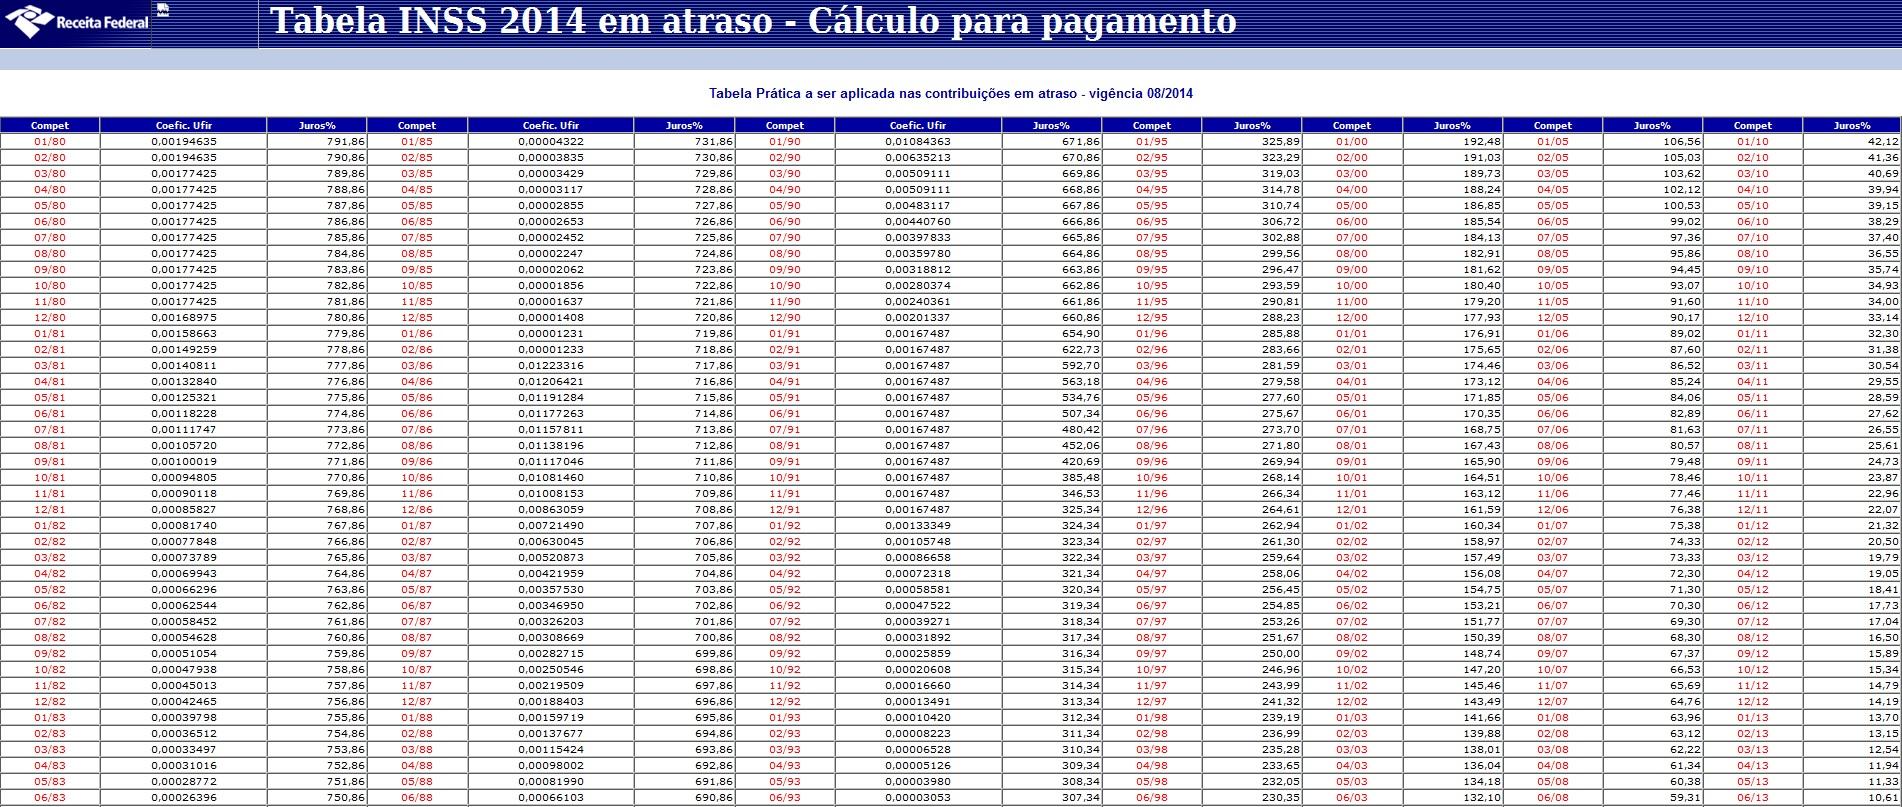 TABELA INSS 2014 GPS EM ATRSO CALCULO